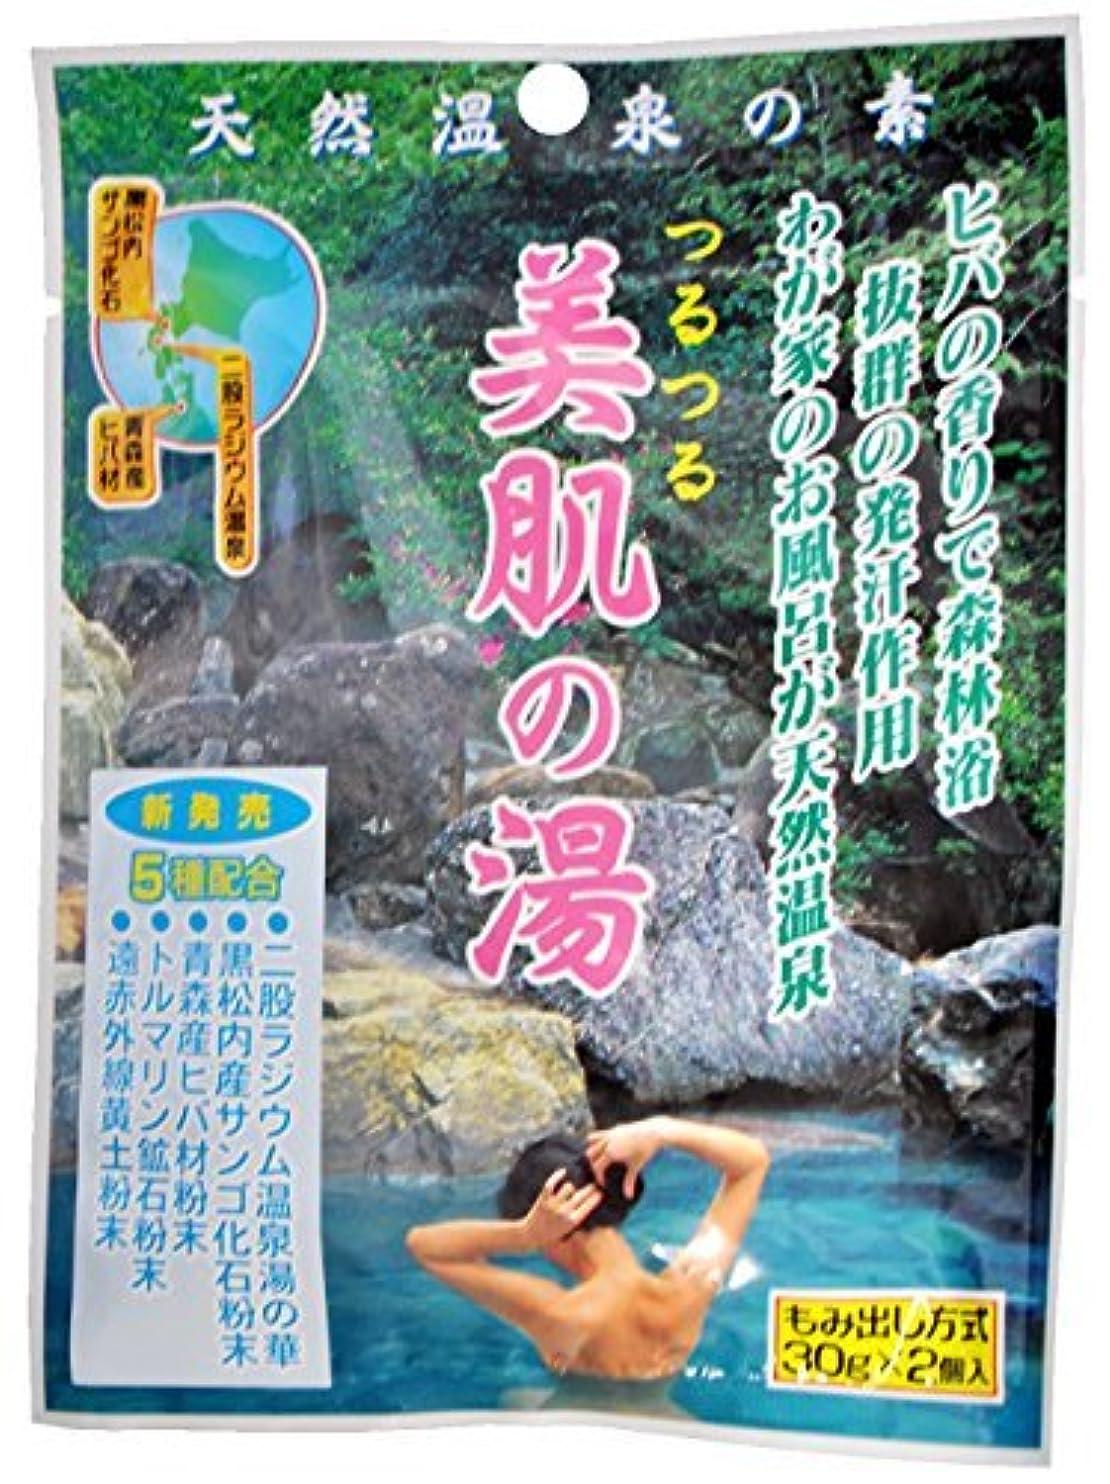 コントローラ毛布どうしたの【まとめ買い】天然成分入浴剤 つるつる 美肌の湯 2袋入 二股ラジウム温泉の湯の華 ×8個